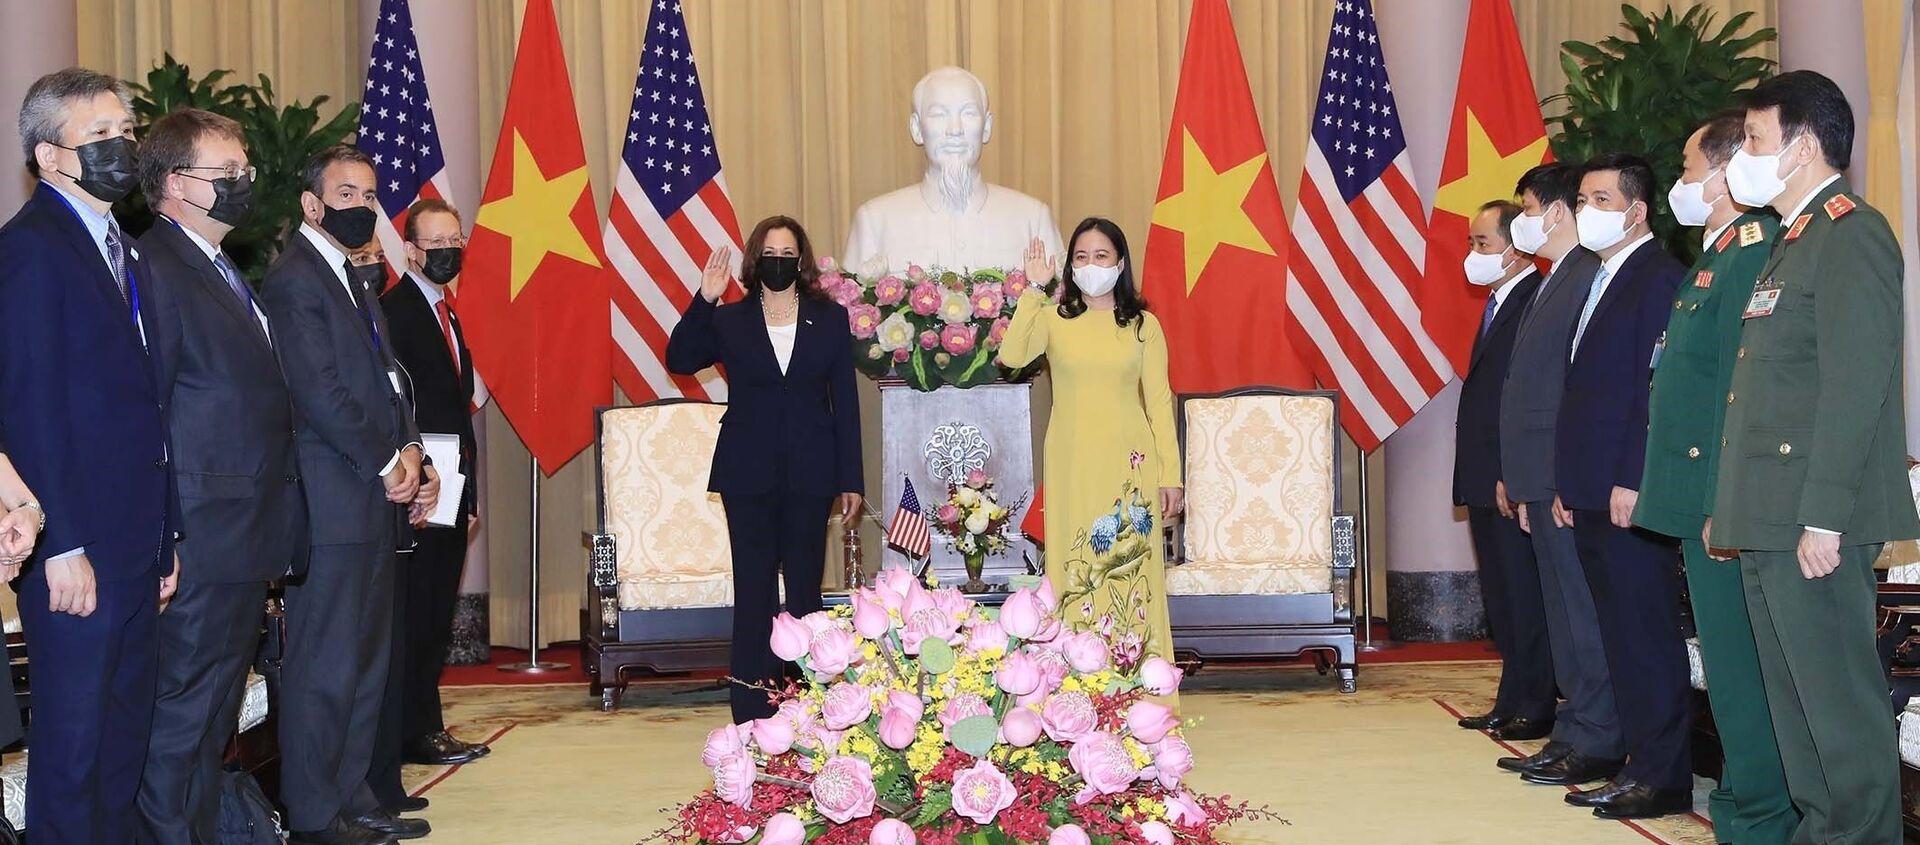 Phó Chủ tịch nước Võ Thị Ánh Xuân và Phó Tổng thống Hoa Kỳ Kamala Harris tại buổi tiếp - Sputnik Việt Nam, 1920, 25.08.2021